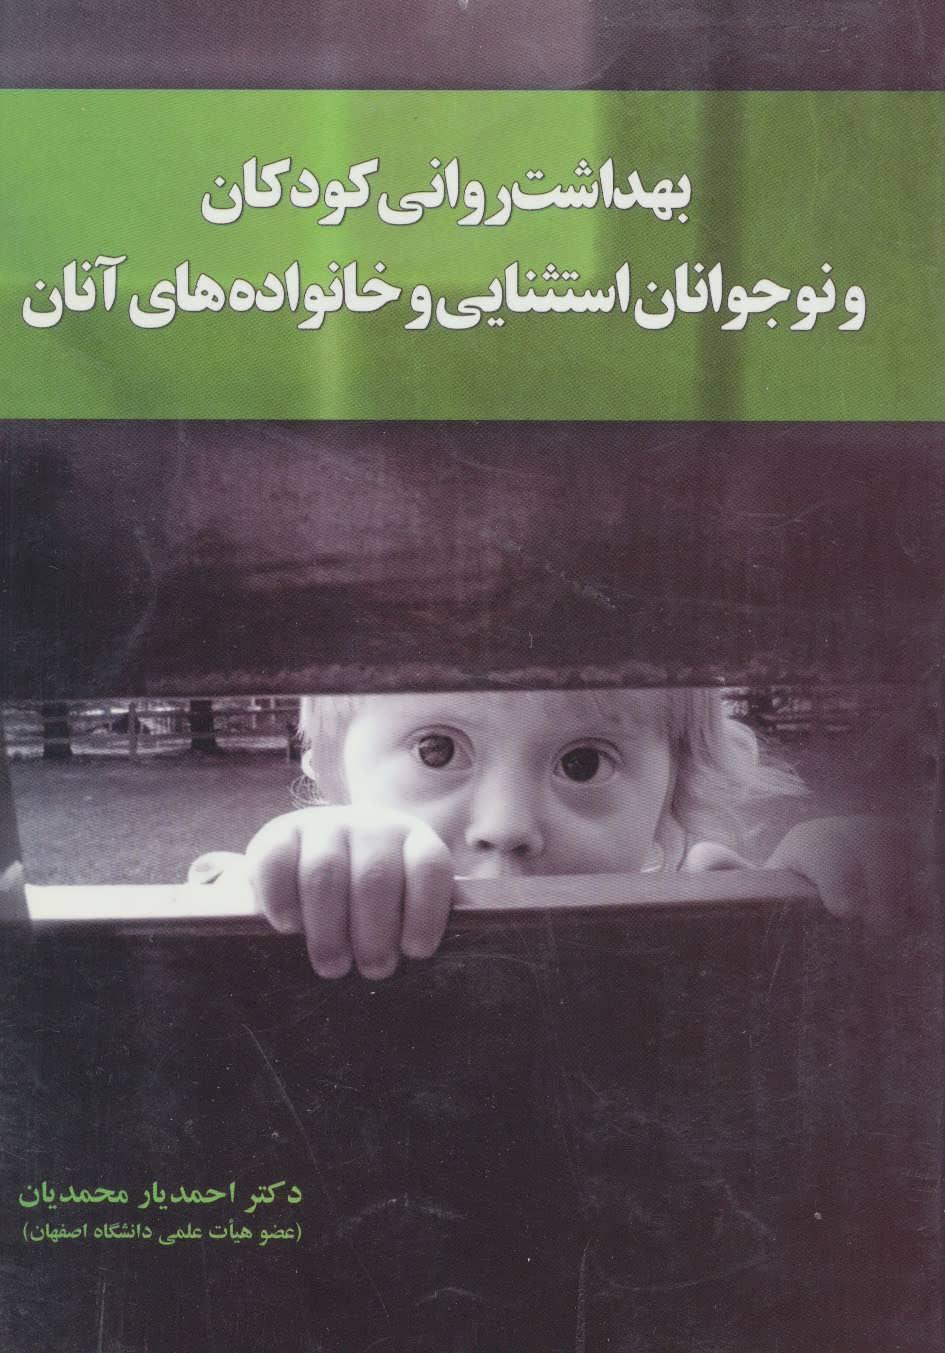 بهداشت روانی کودکان و نوجوانان استثنایی و خانواده های آنان